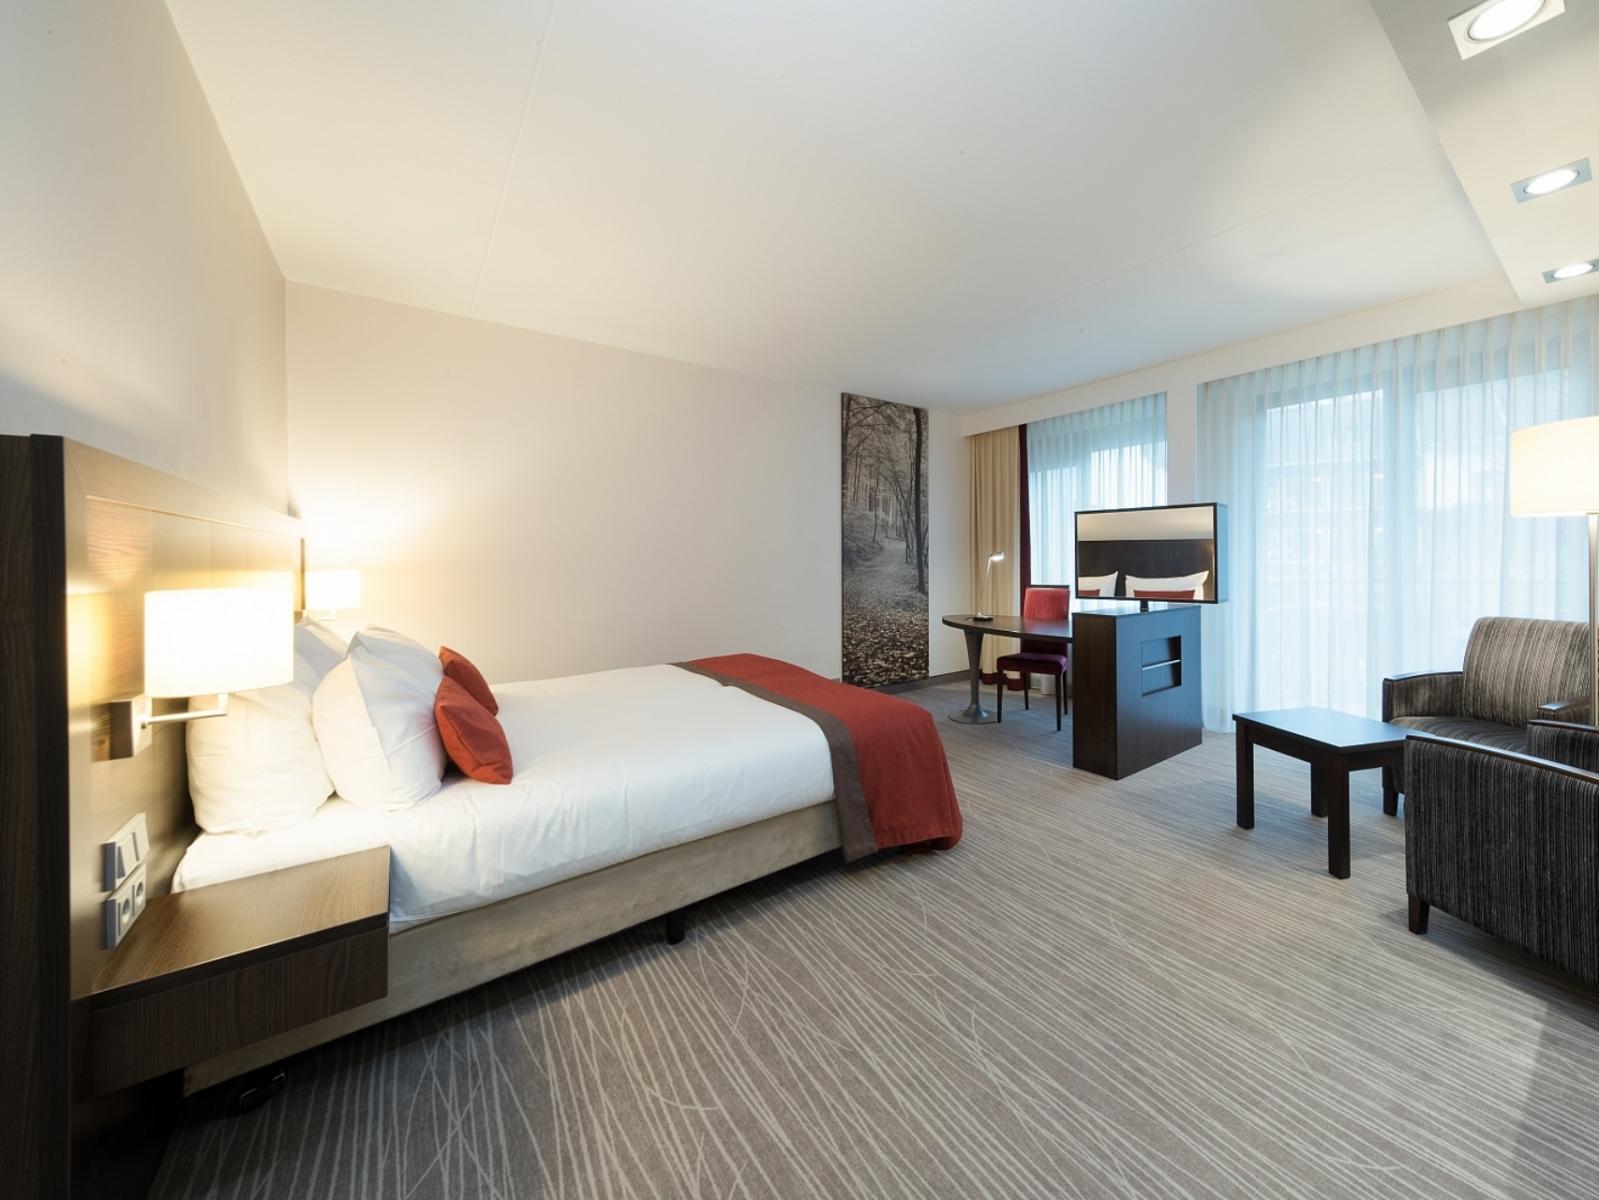 hotel med spa på værelset sjælland pige patter